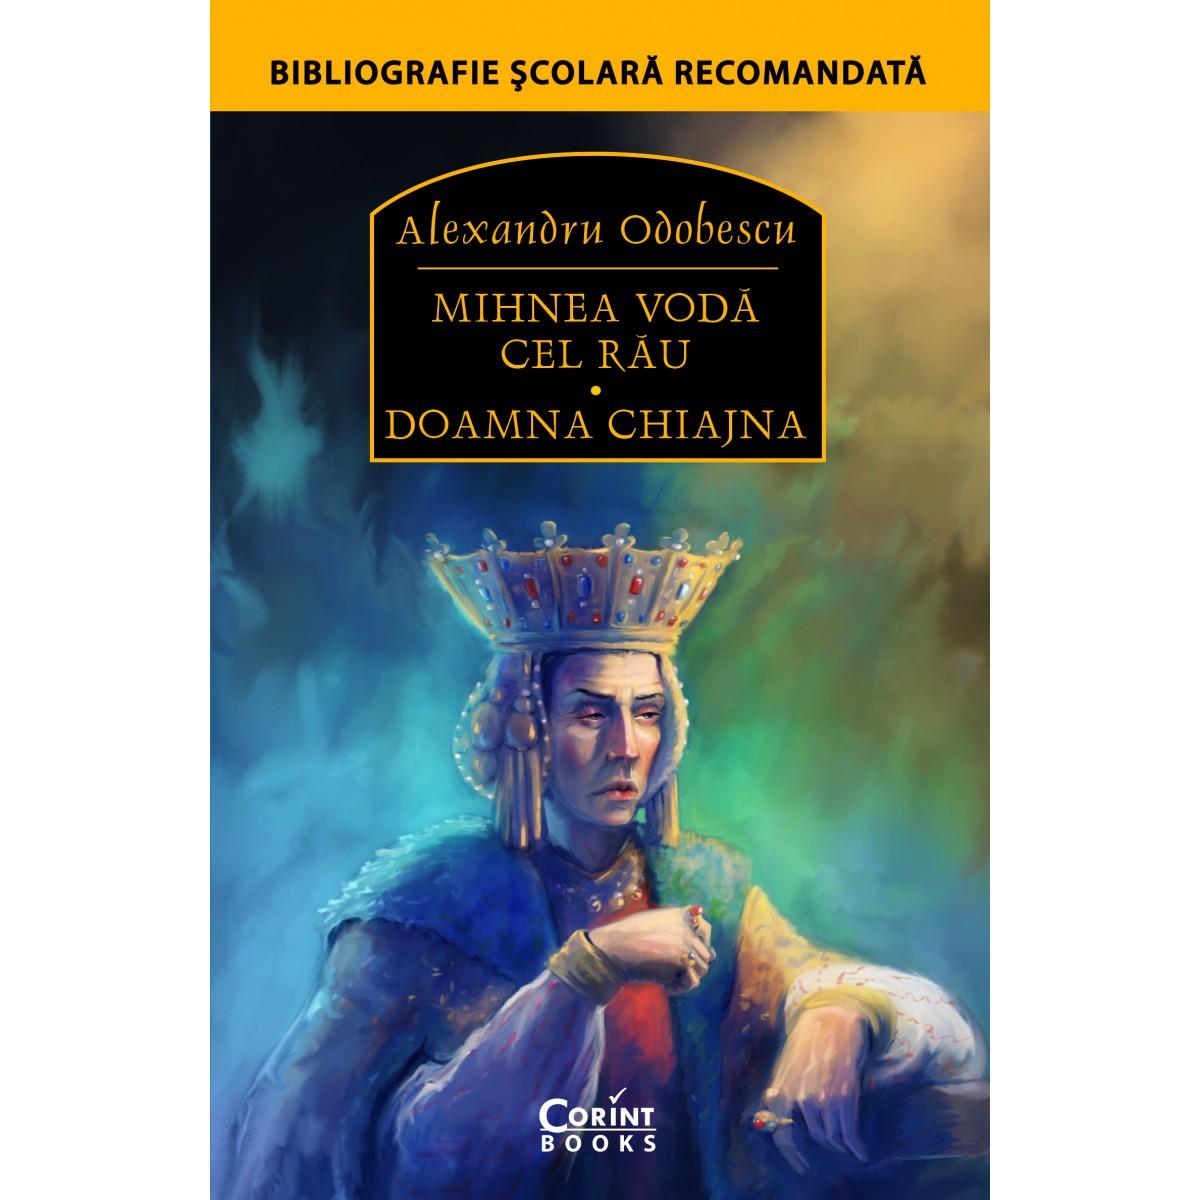 Mihnea Vodă cel Rău. Doamna Chiajna - Editura Corint